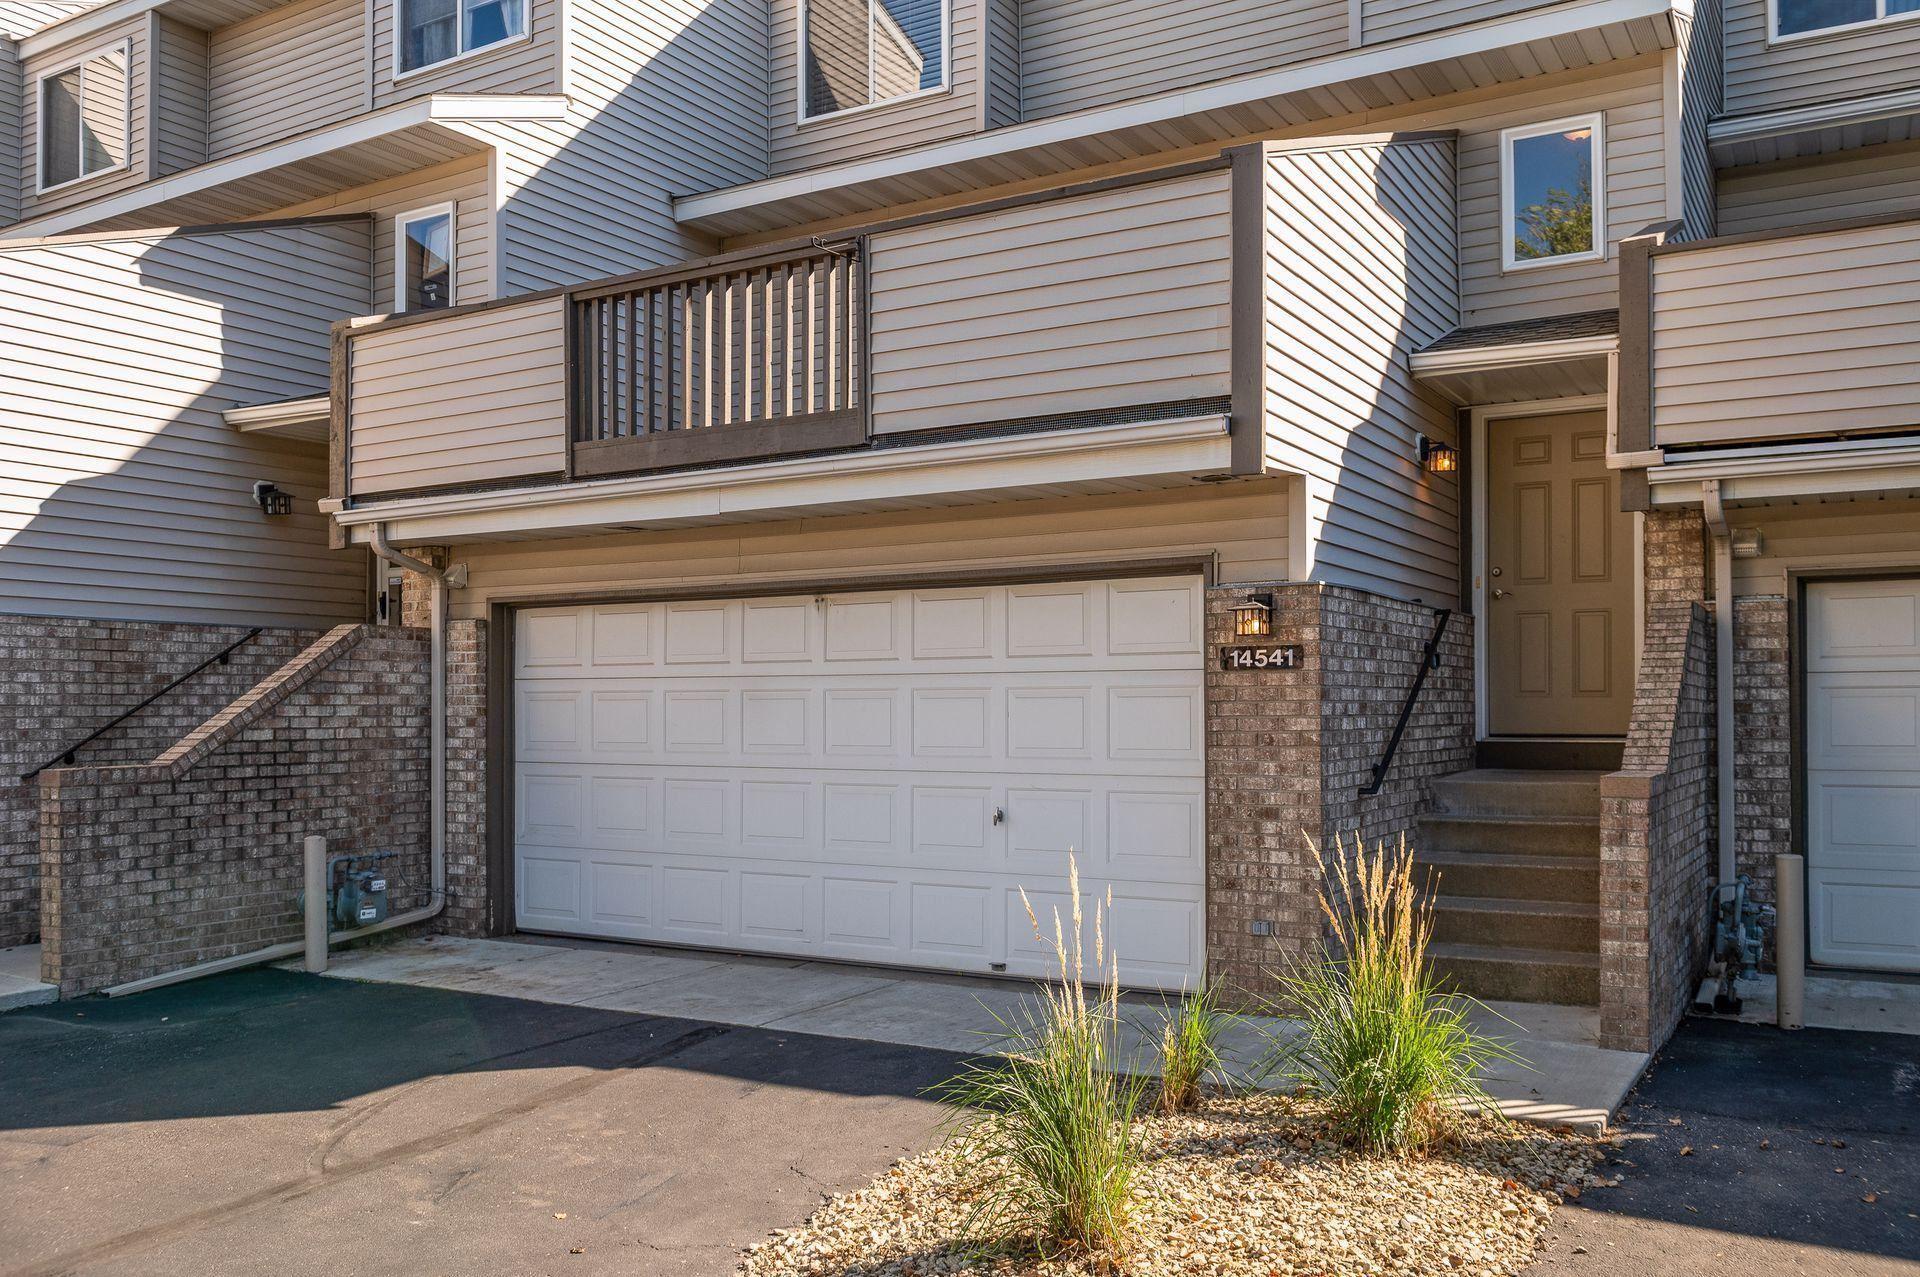 Photo of 14541 Cobalt Avenue #12, Rosemount, MN 55068 (MLS # 6105121)